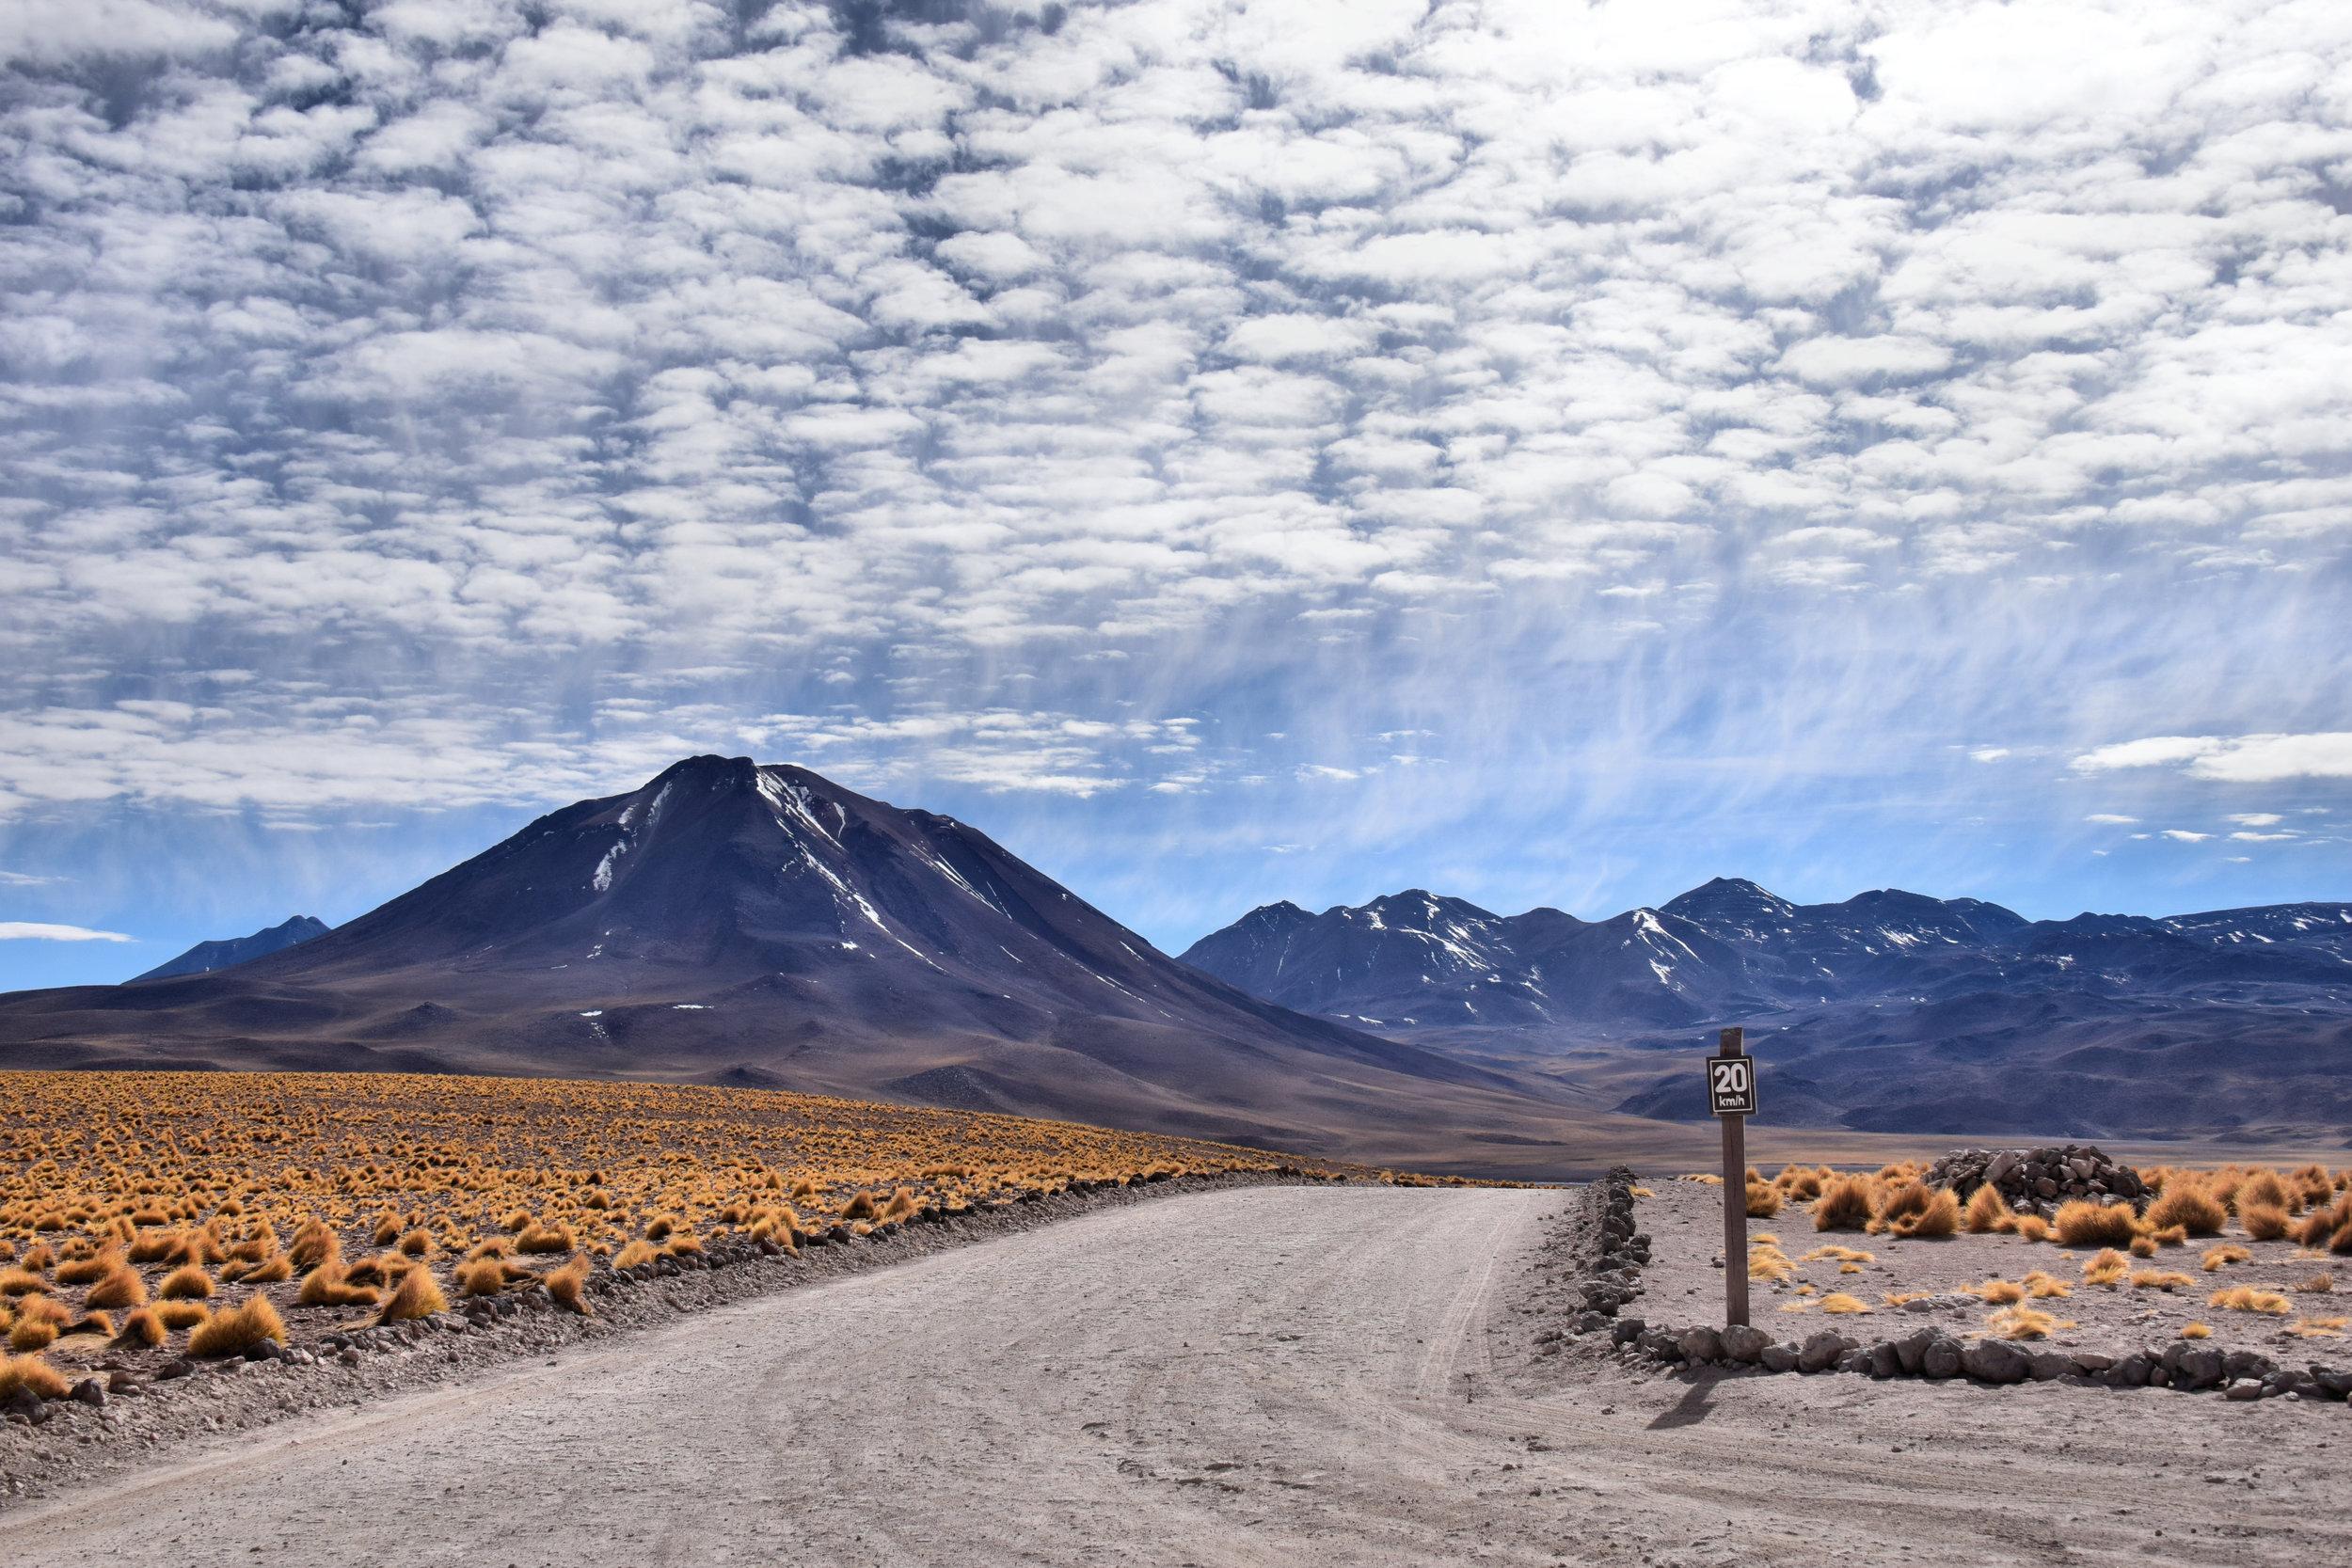 - 2. Chile